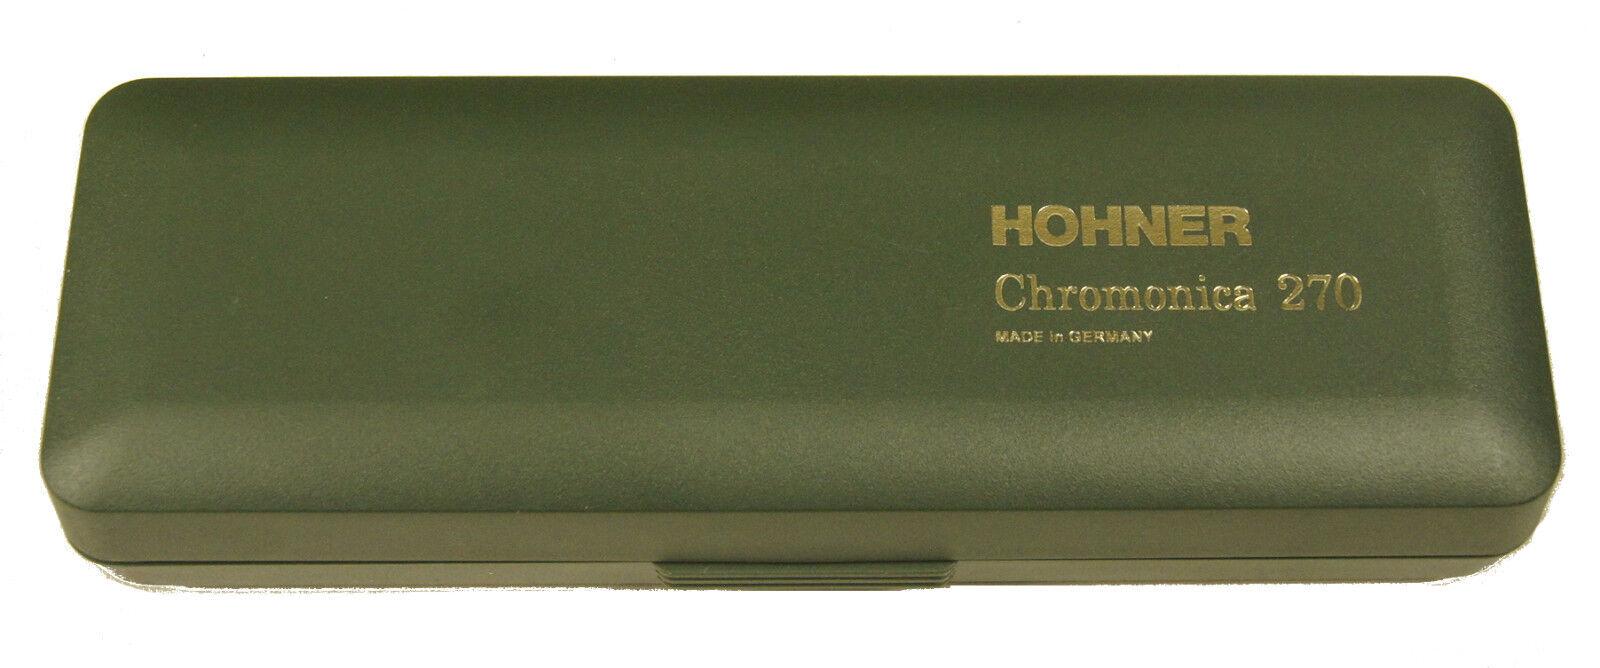 Armónica Cromática Hohner Super Chromonica 270 48, 48, 48, C, D, E, F, G, A, B, Bb, C Bajo b9e2e1